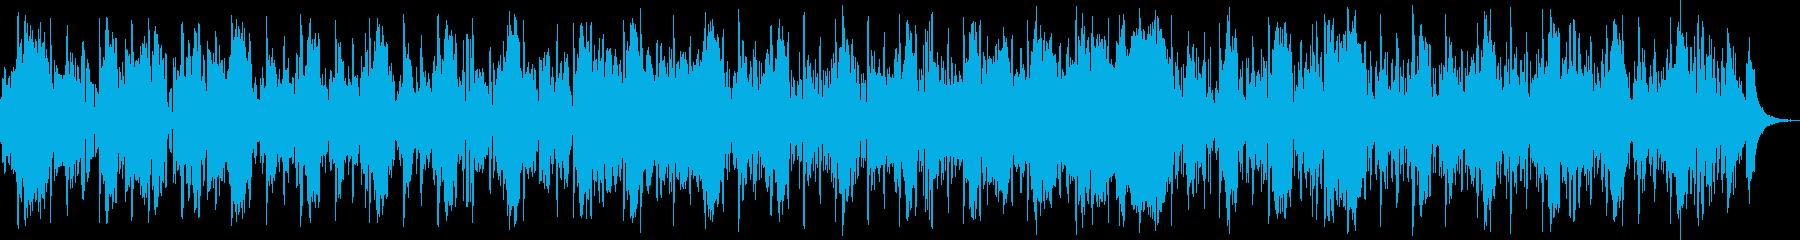 キャラクターバックグラウンドレゲエ...の再生済みの波形